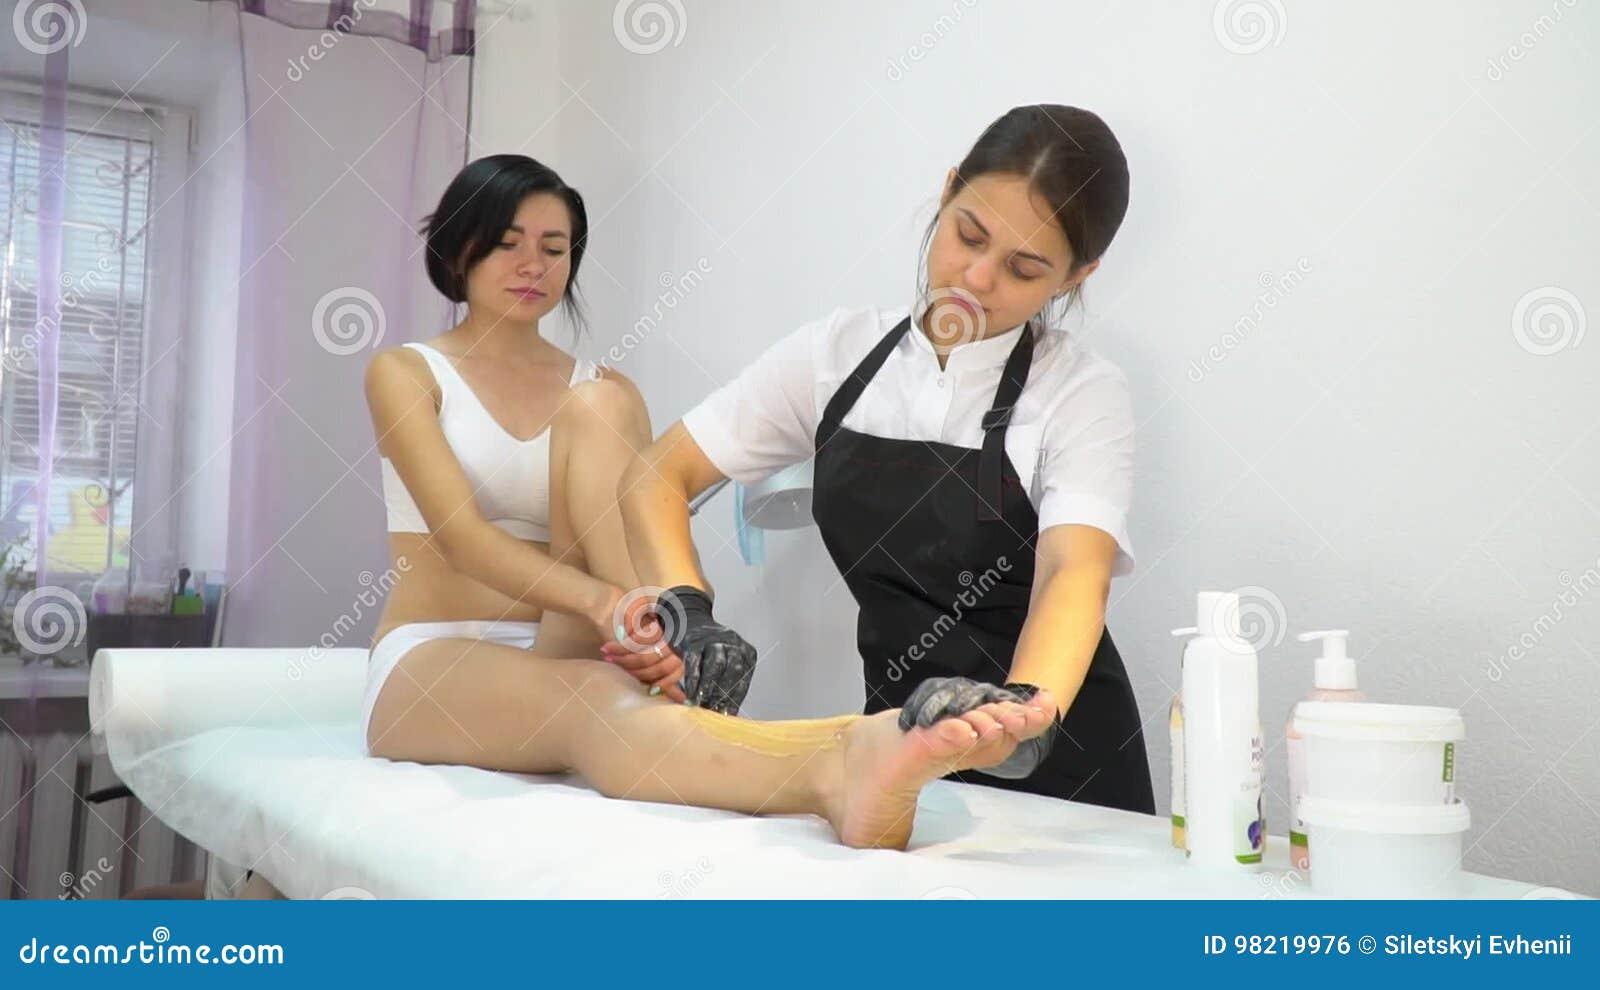 Девушка мастер массажа i индивидуалка массажистка в уфе